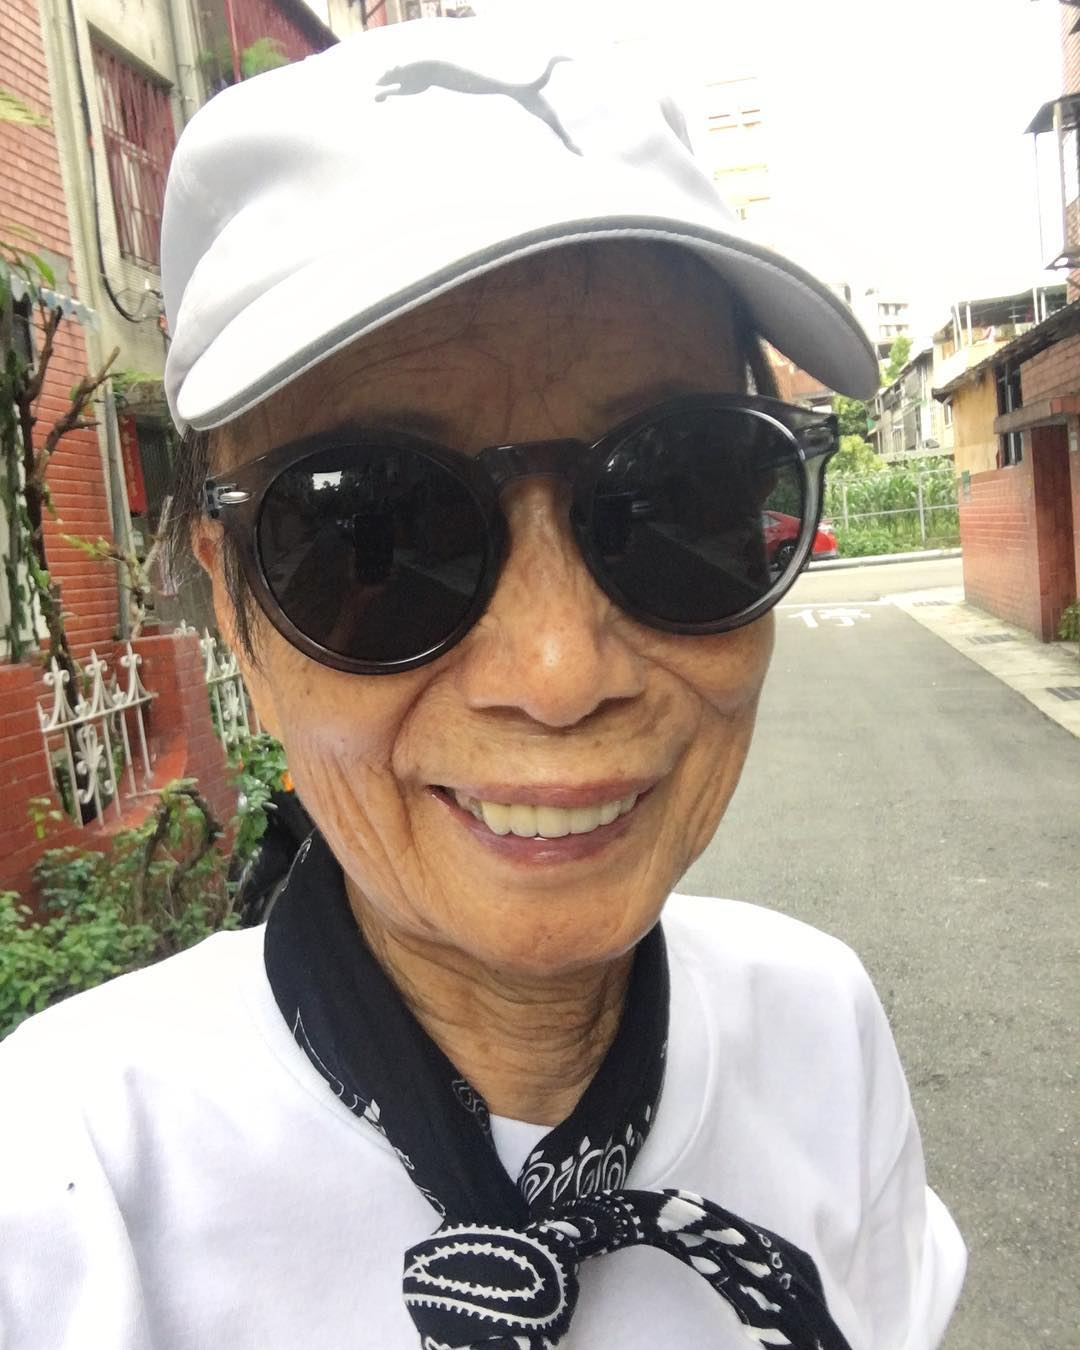 Chỉ 2 tuần sau khi xuất hiện trên Instagram, cụ bà 88 tuổi này đã trở thành hiện tượng thời trang xứ Đài - Ảnh 15.